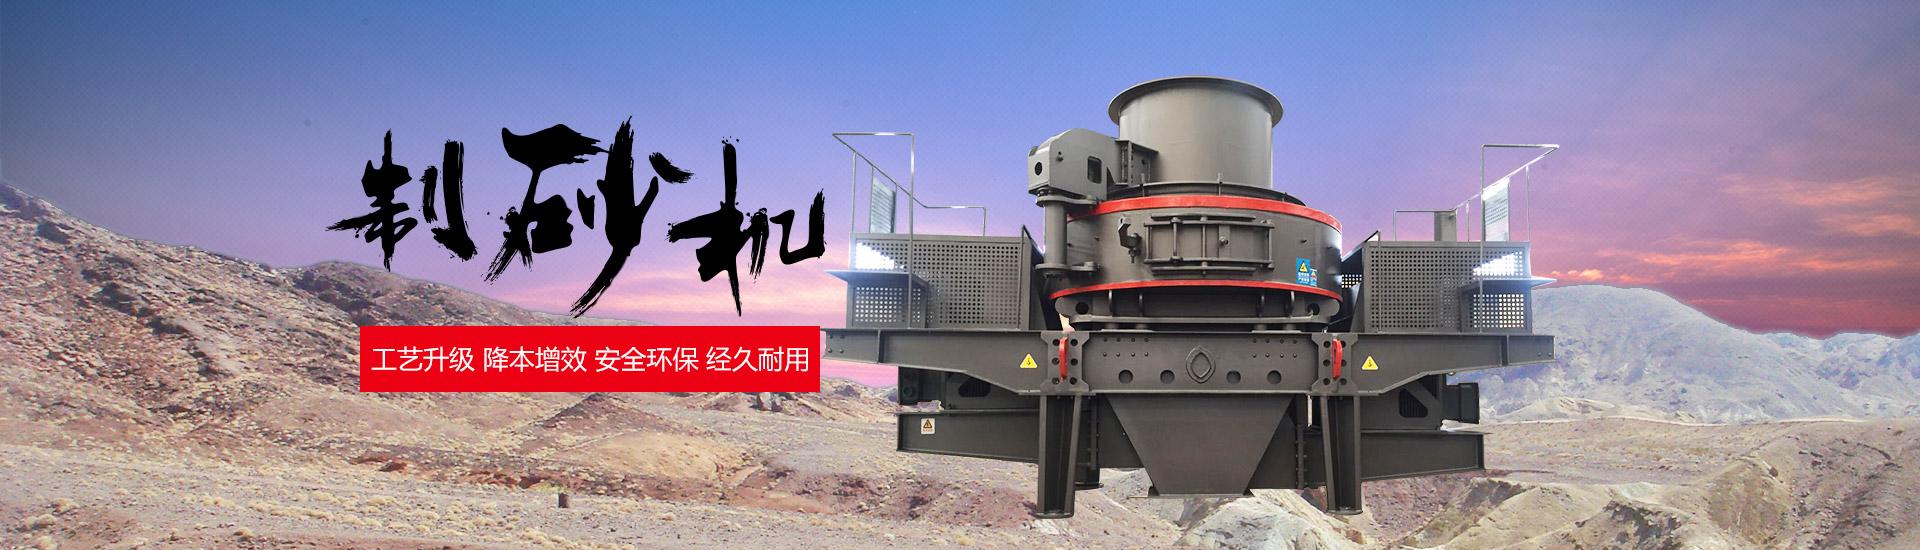 河南恒联重工机械有限公司